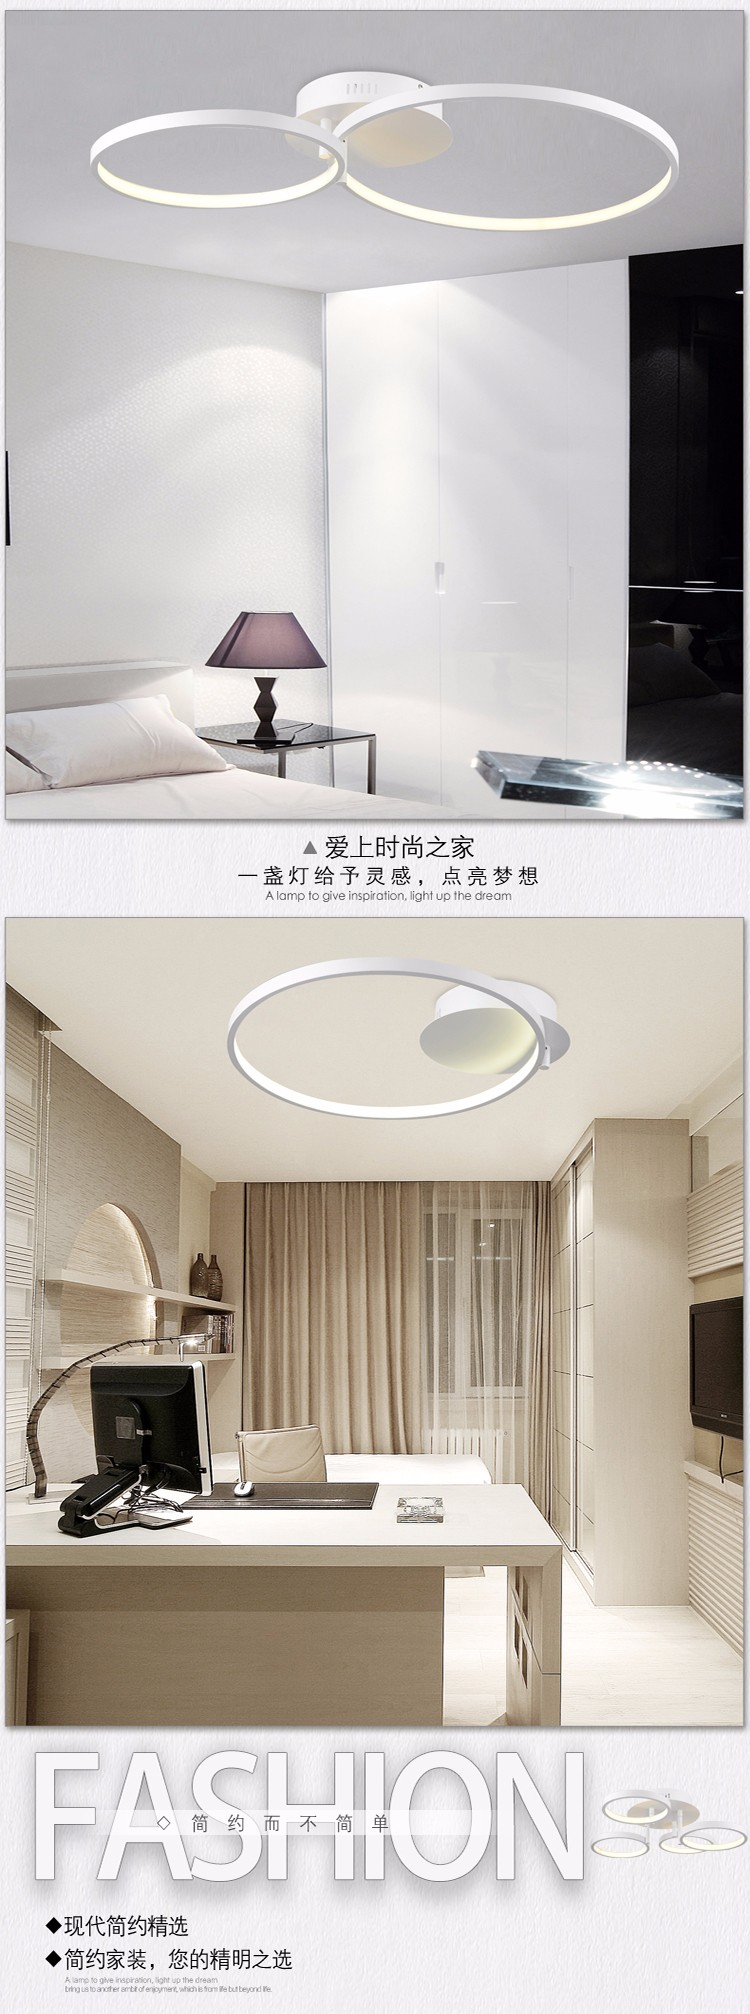 Купить Современные потолочные светодиодные круг потолочные светодиодный потолочный светильники для спальни домашнего освещения одноместный двухместный кольца plafon led